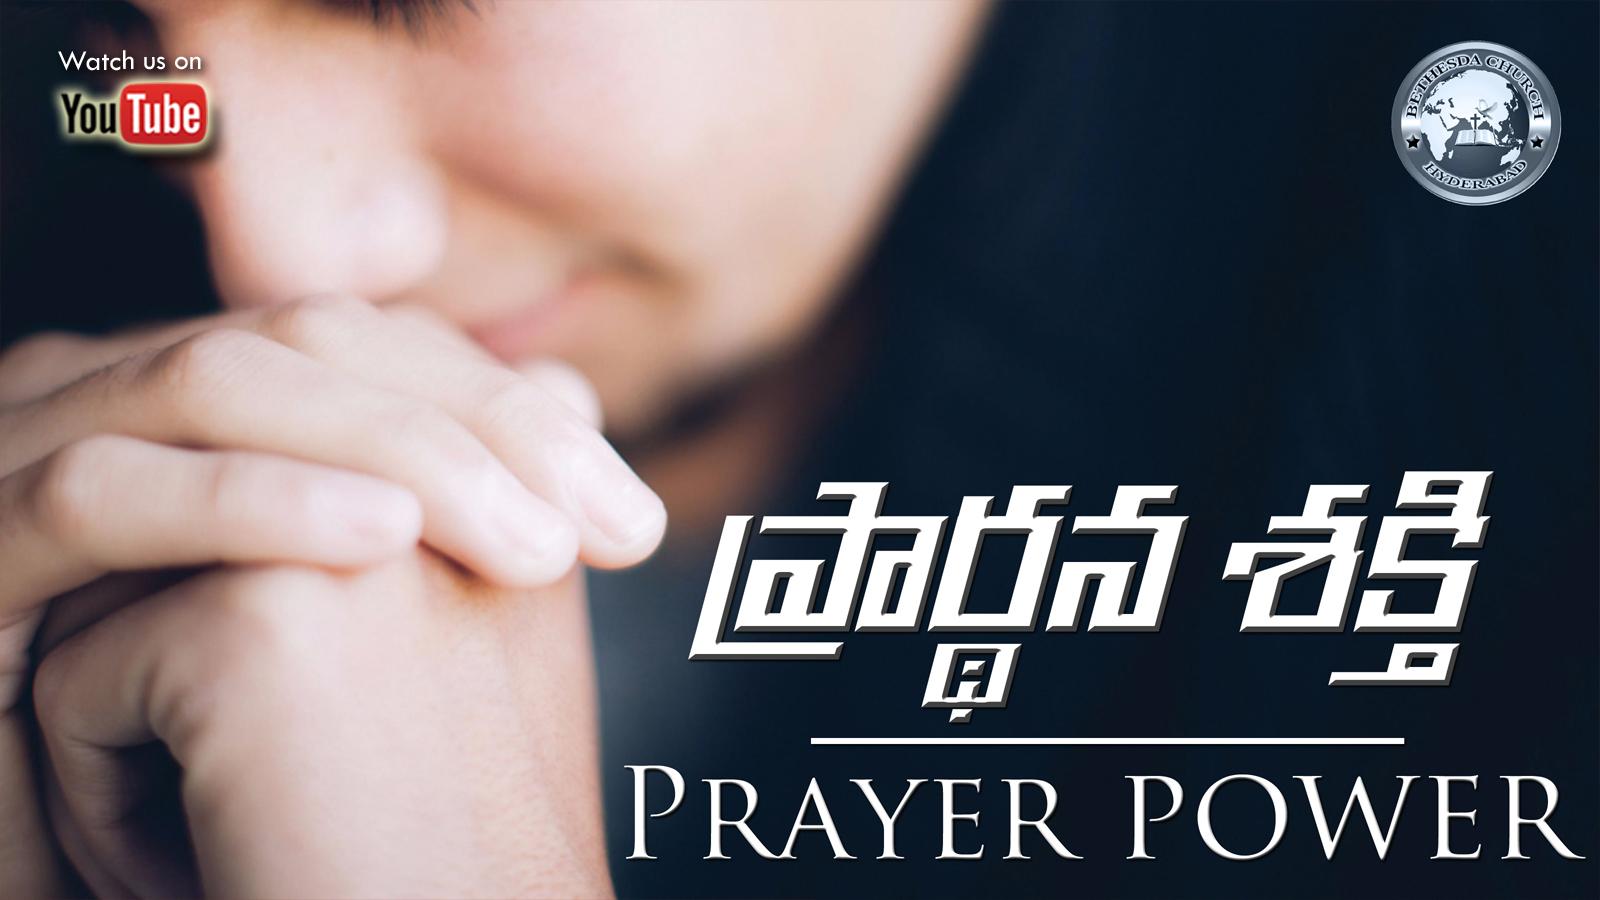 Prayer power (A249)